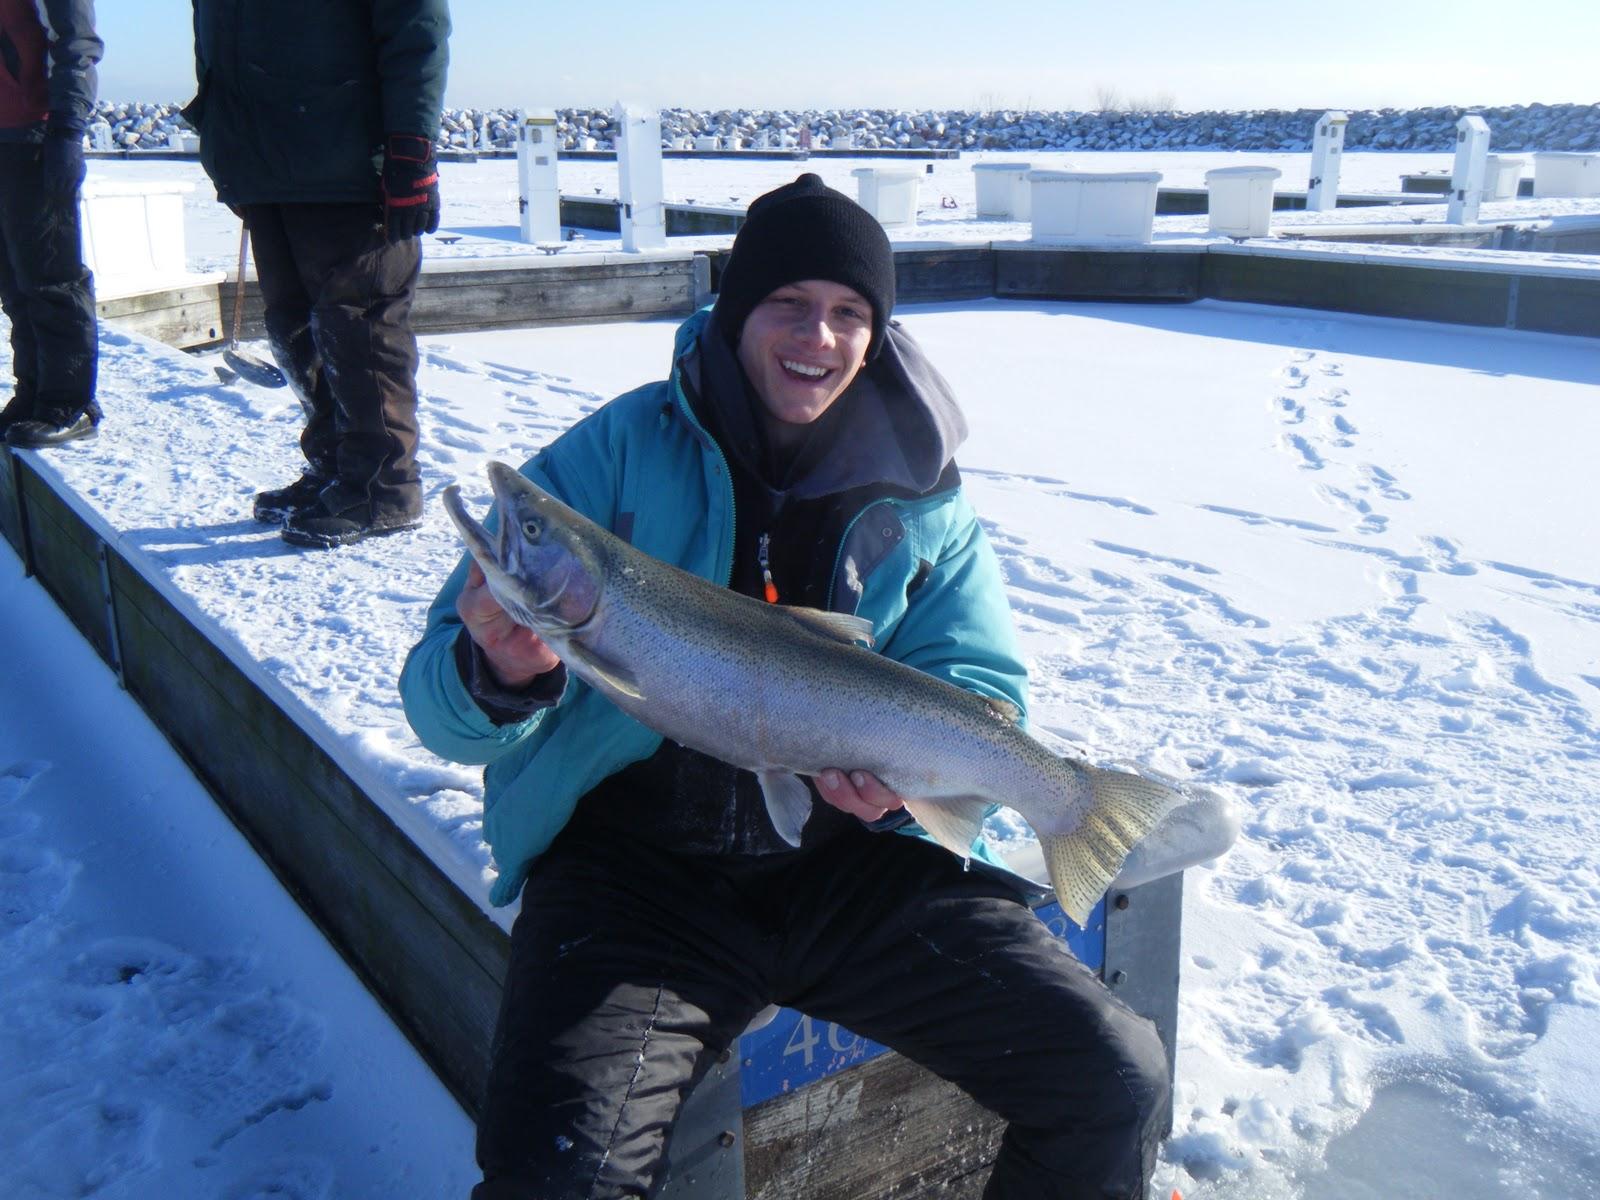 Wisconsin fishing reports 2012 sheboygan ice fishing for Fishing report wisconsin